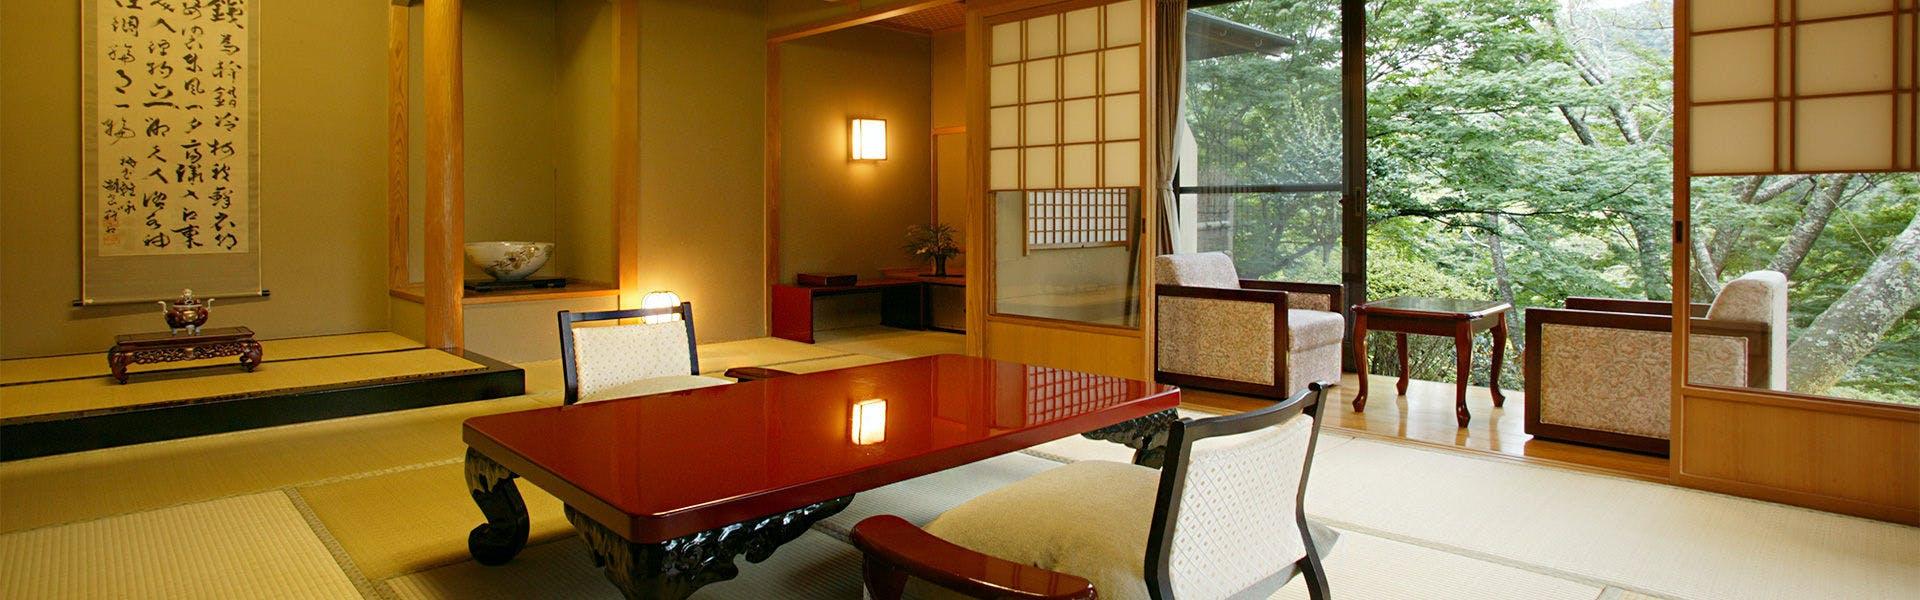 記念日におすすめのホテル・【御宿 竹林亭】の写真3